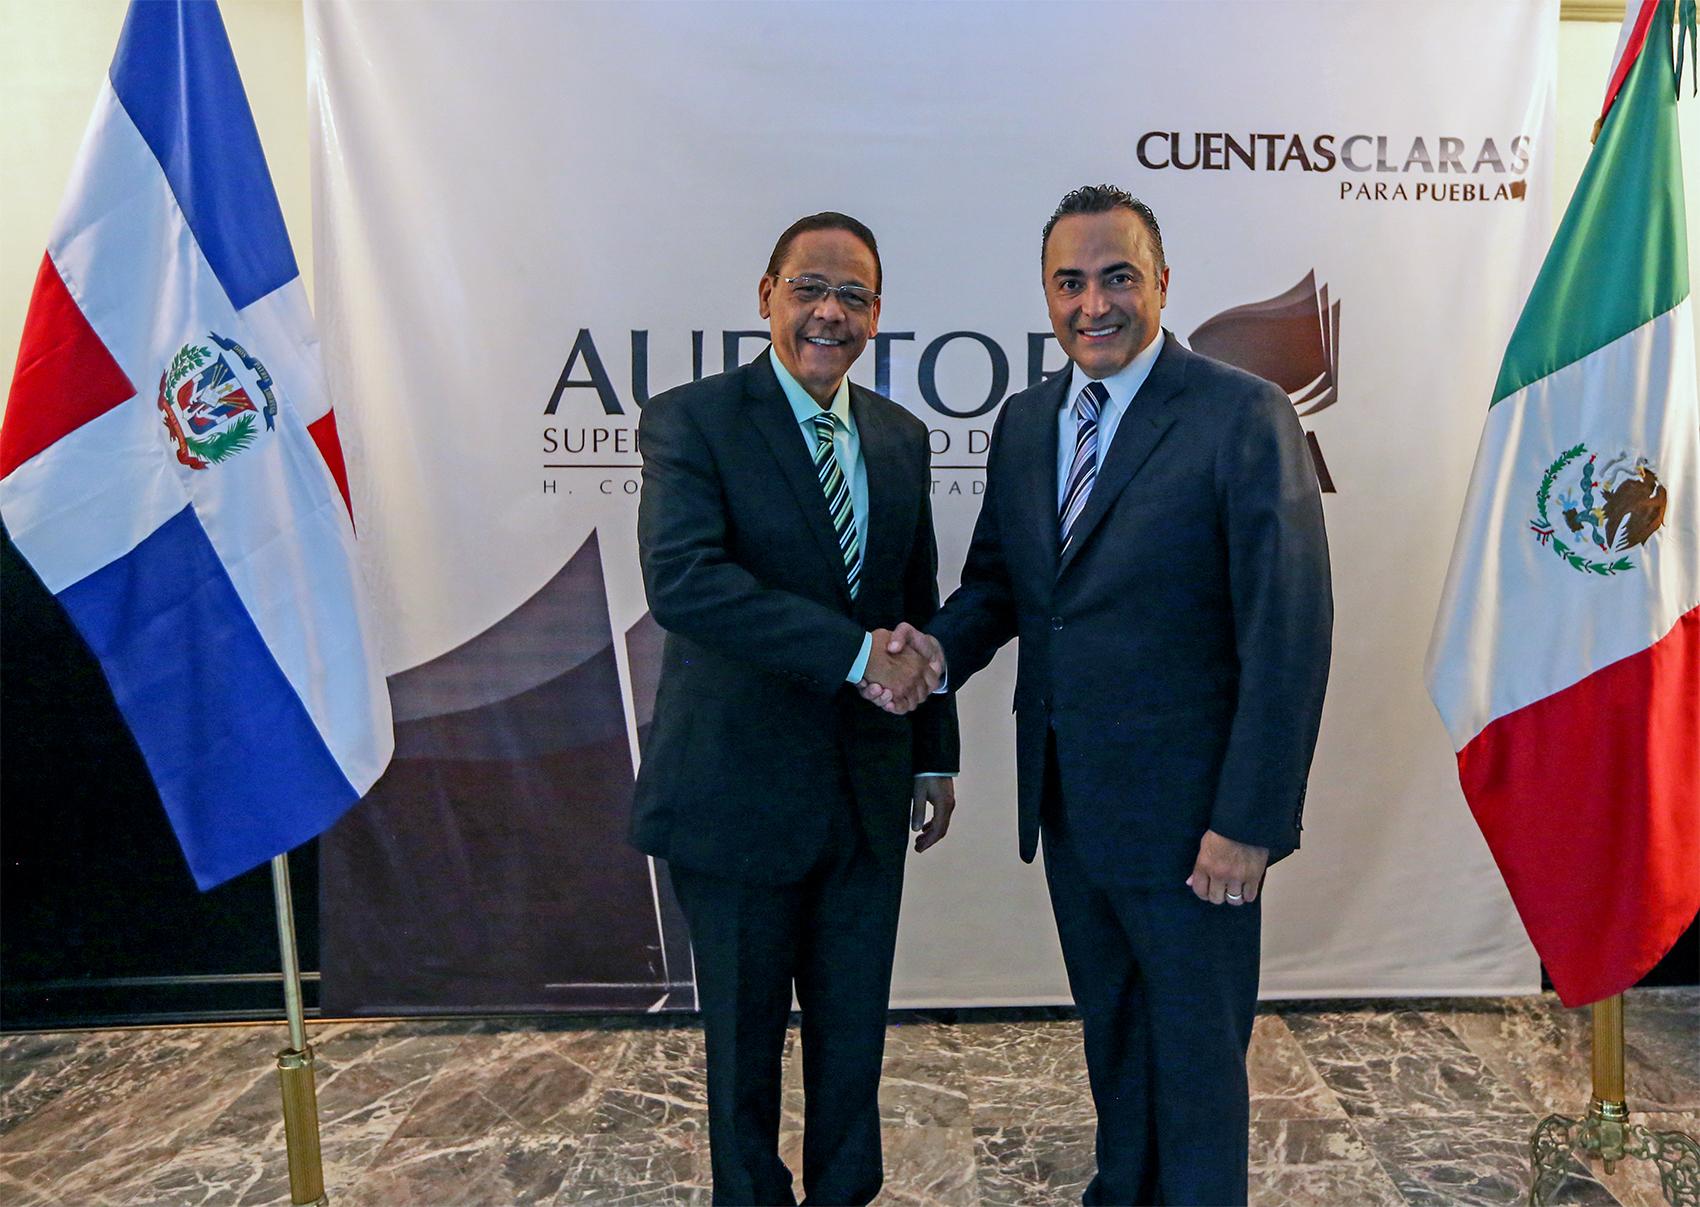 Auditoría Puebla recibe a delegación de la República Dominicana